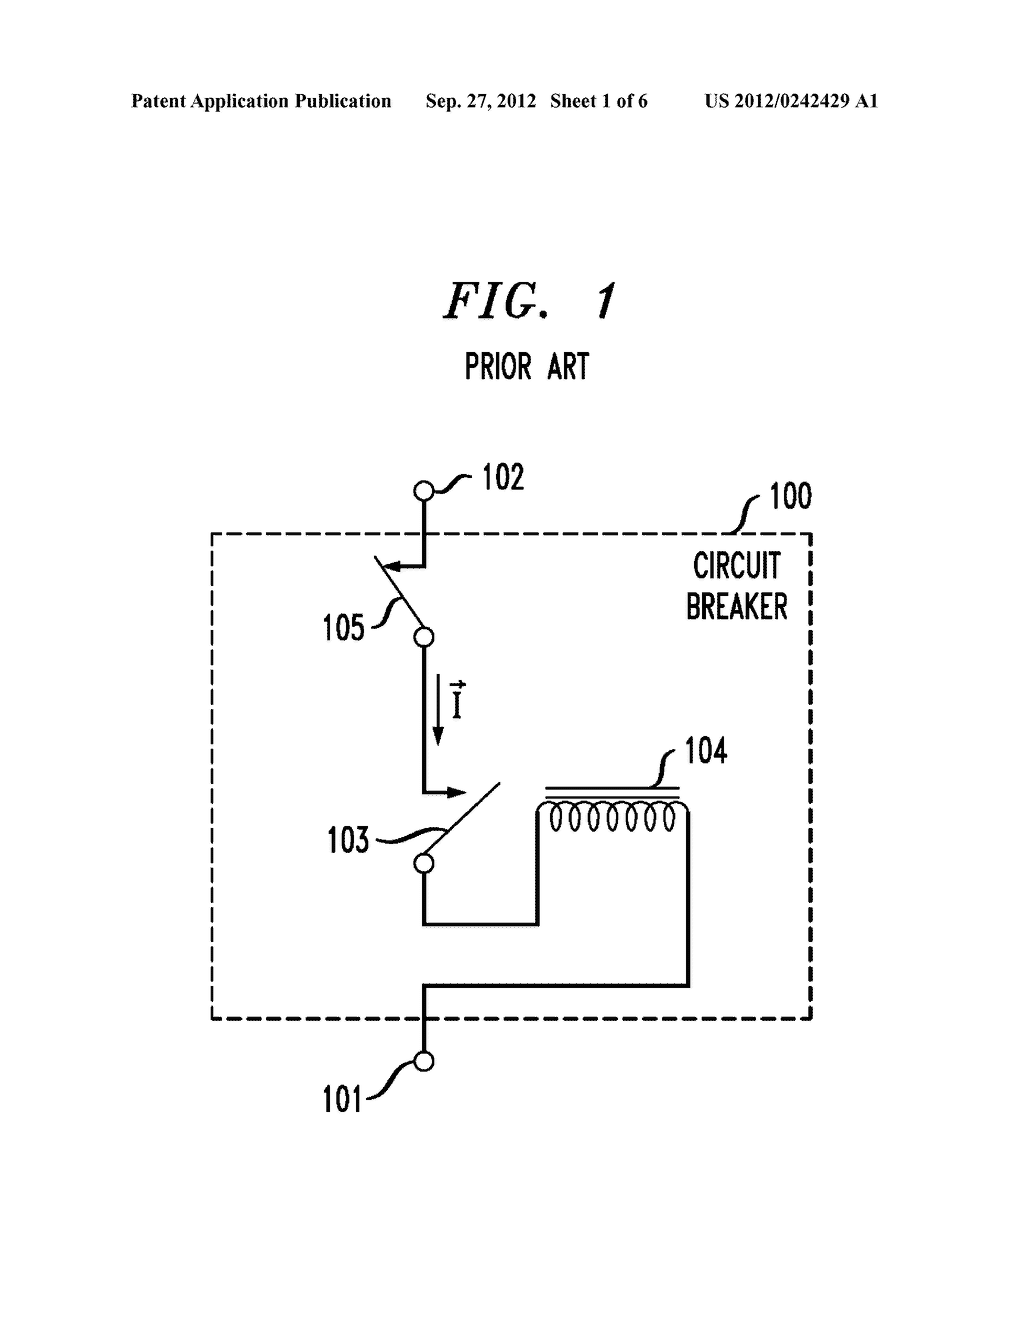 circuit breaker panel wiring diagram pdf java is old. java is verbose. java is ugly. java is mocked ...